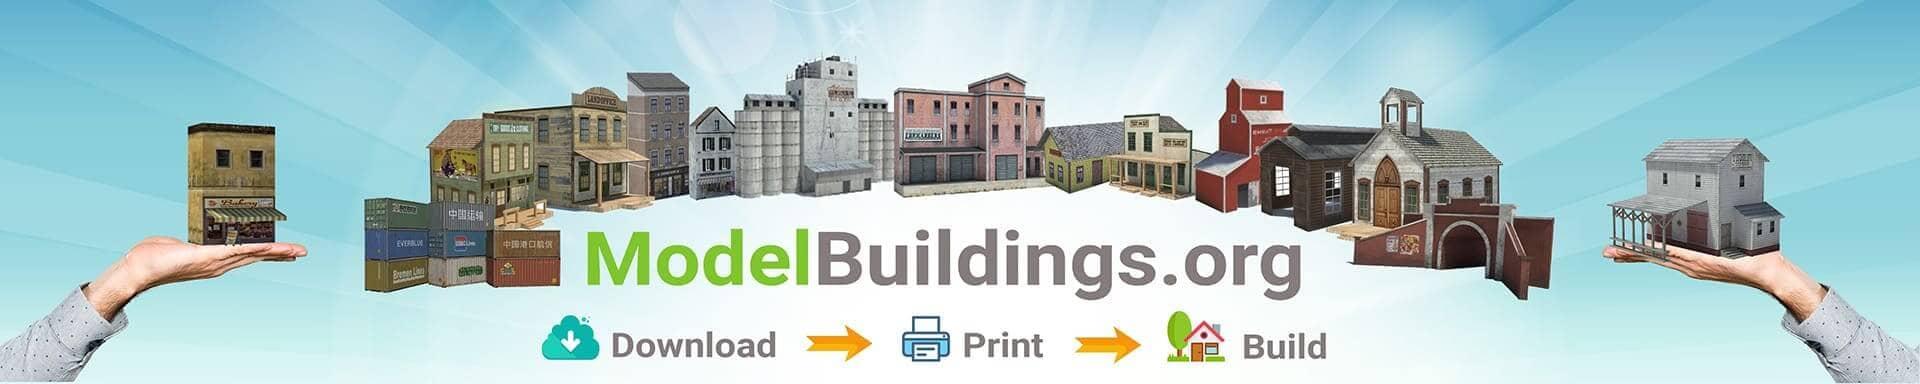 Model Buildings